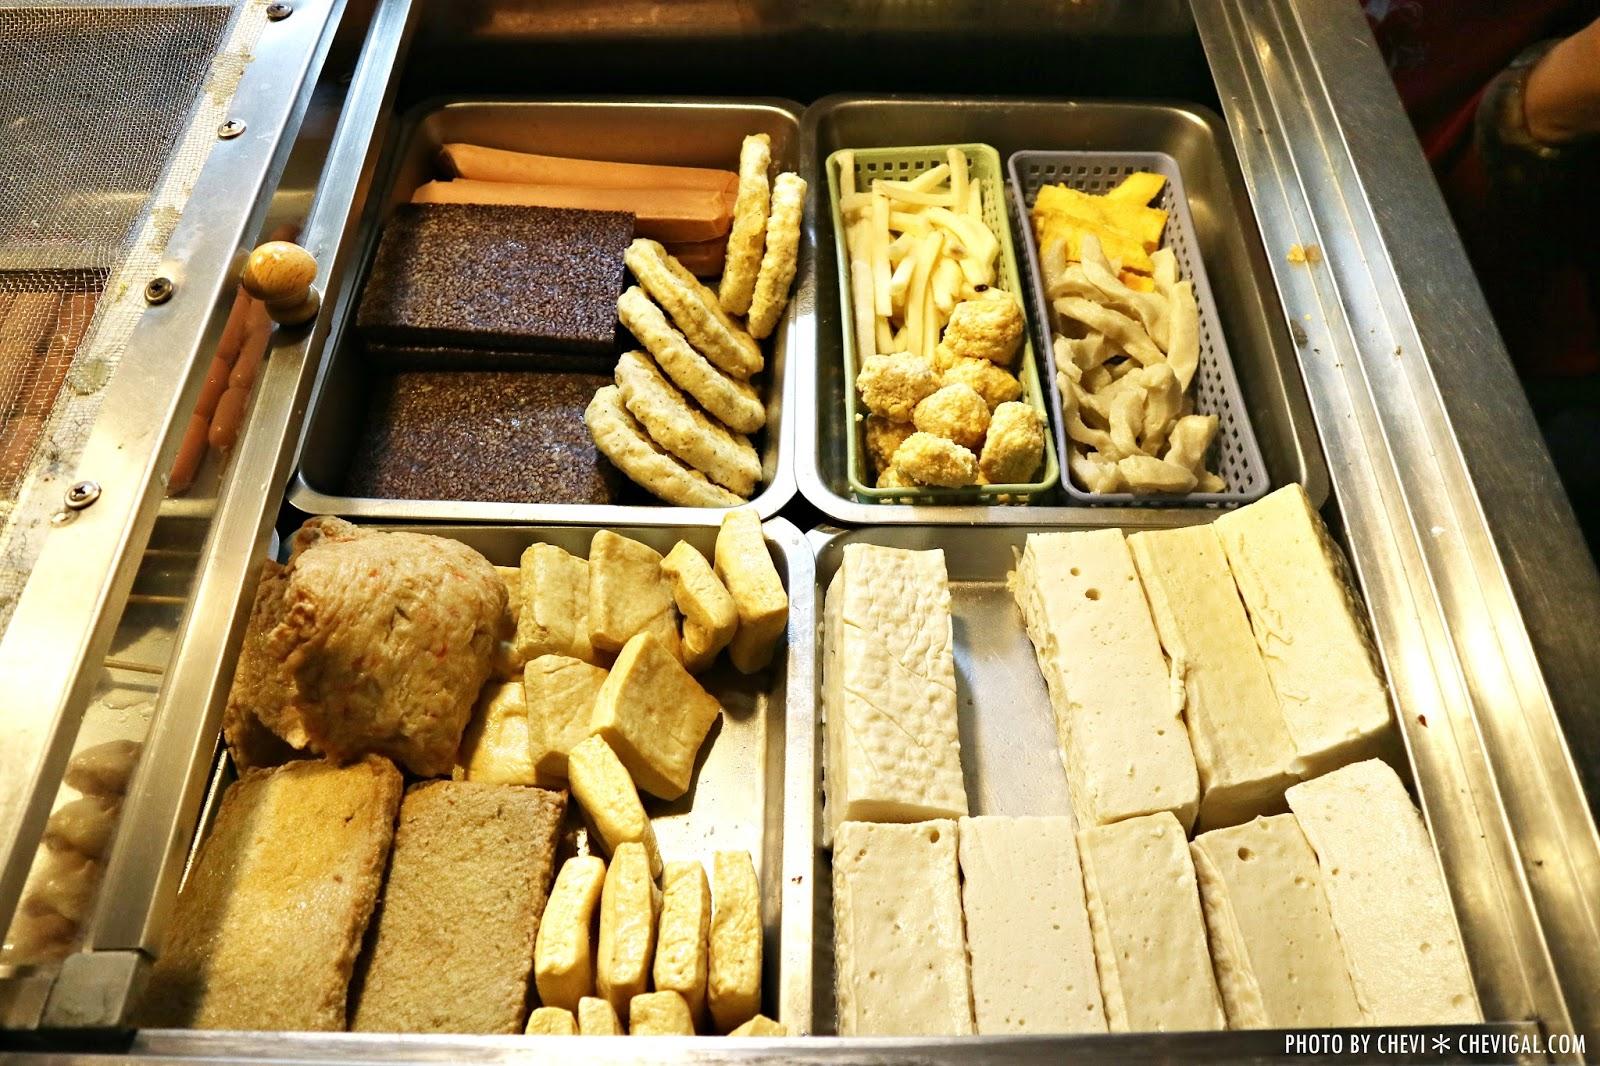 IMG 0521 - 台中烏日│香香鹽酥雞。飄香二十年的好滋味。一週只開四天別撲空囉